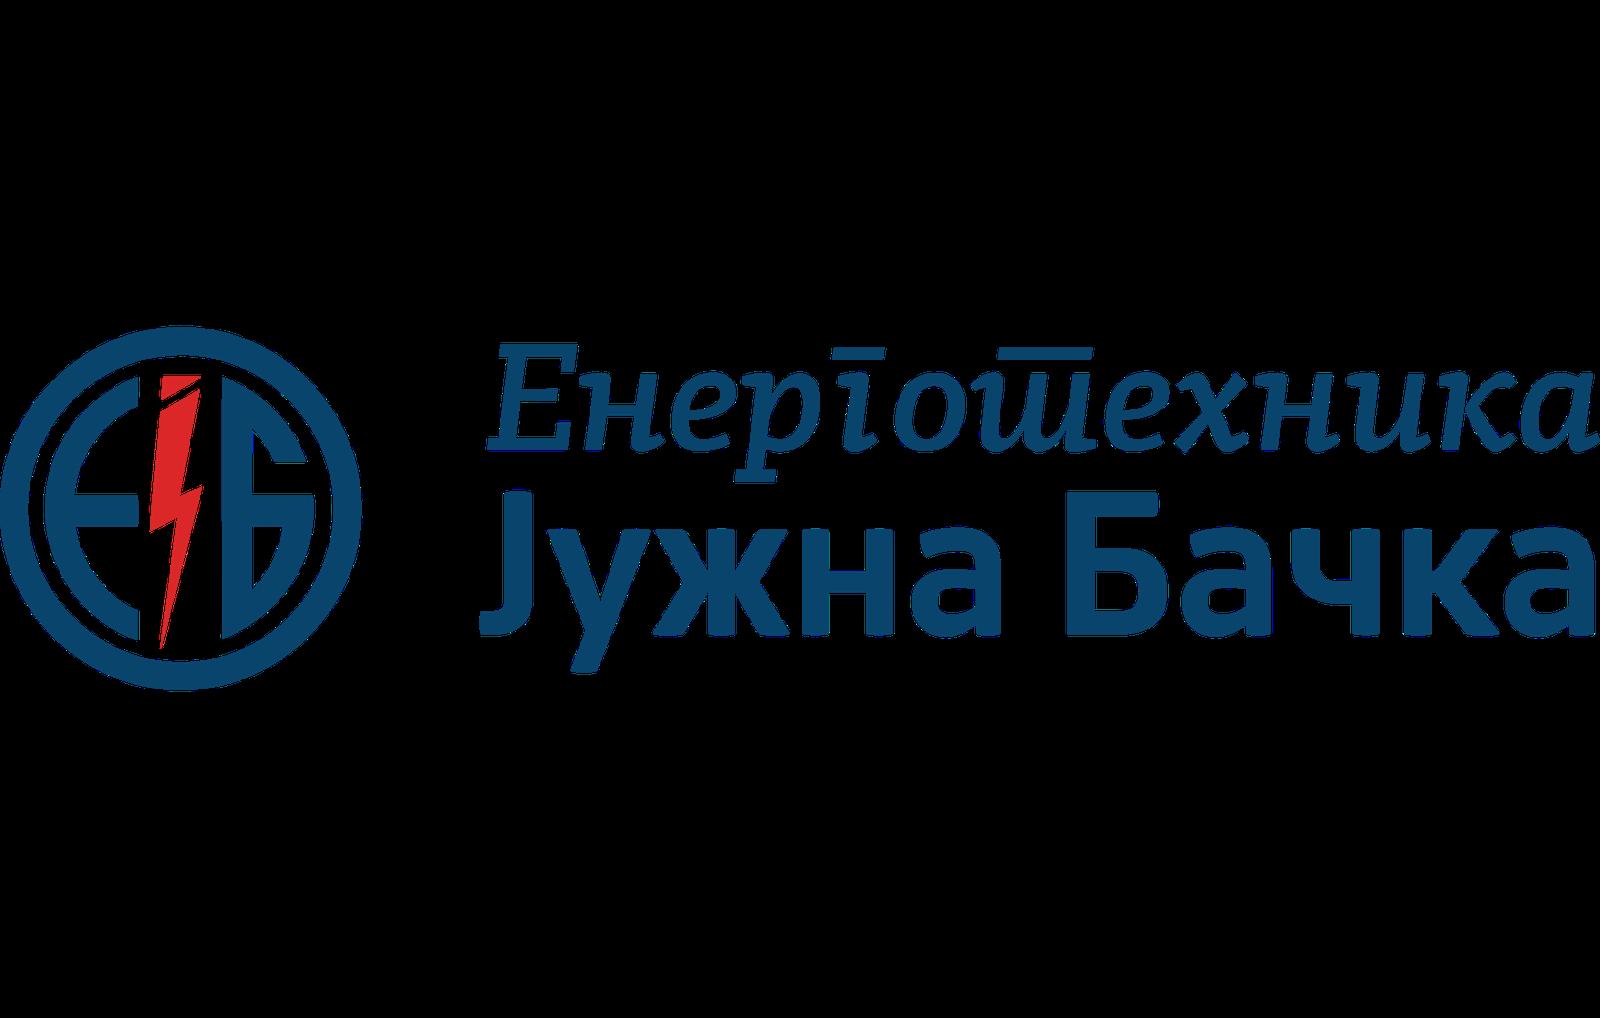 Energotehnika - Južna Bačka d.o.o.-logo